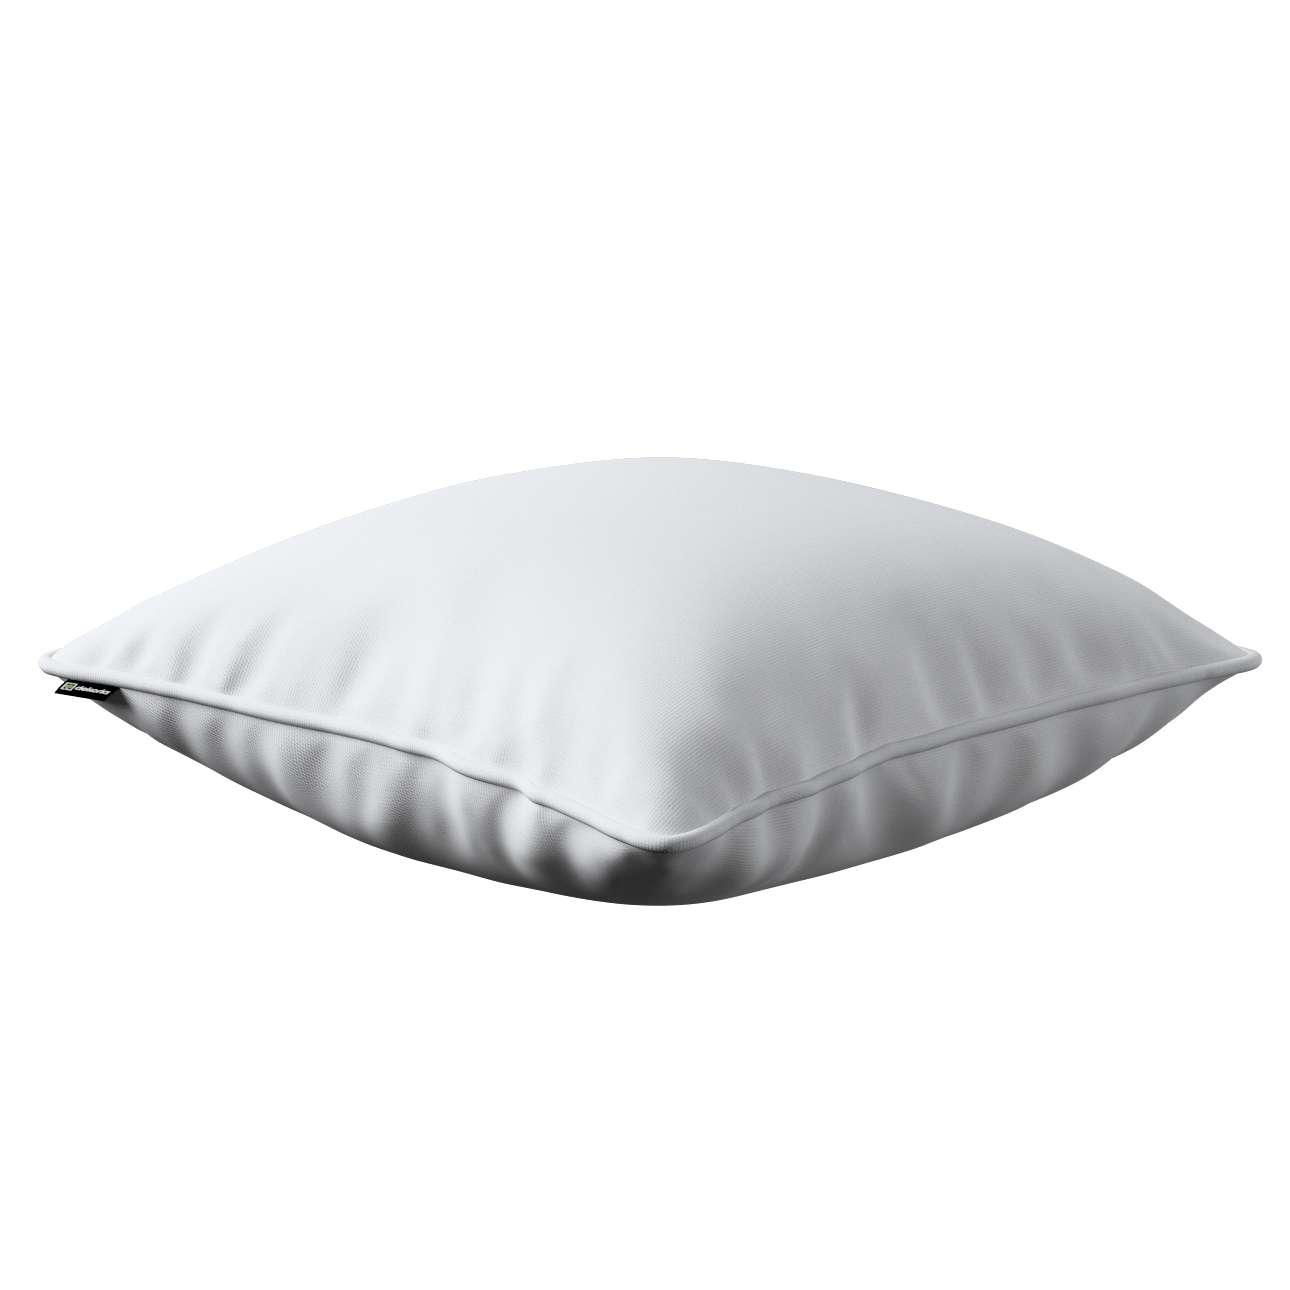 Poszewka Gabi na poduszkę 45 x 45 cm w kolekcji Loneta, tkanina: 133-02